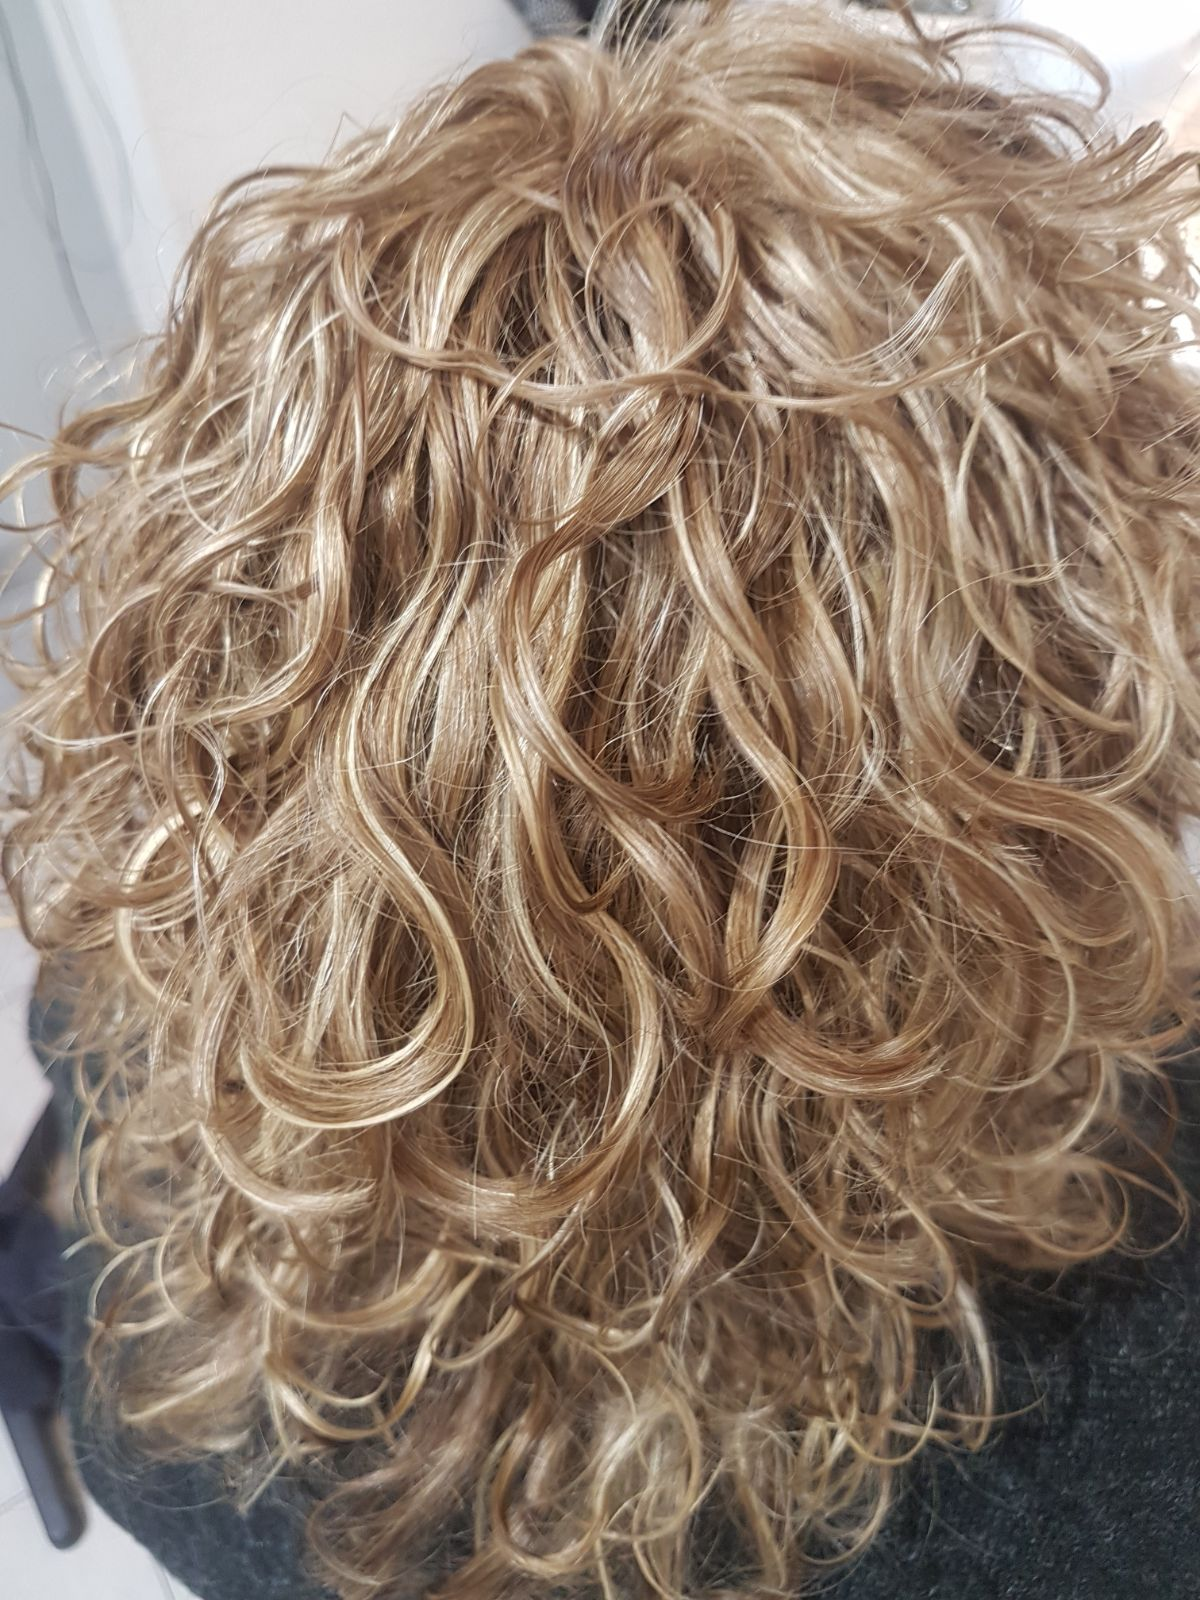 רבקה זהבי Hair Fashion מציעה התאמה מושלמת של תוספת משיער % 100 טבעי אירופאי